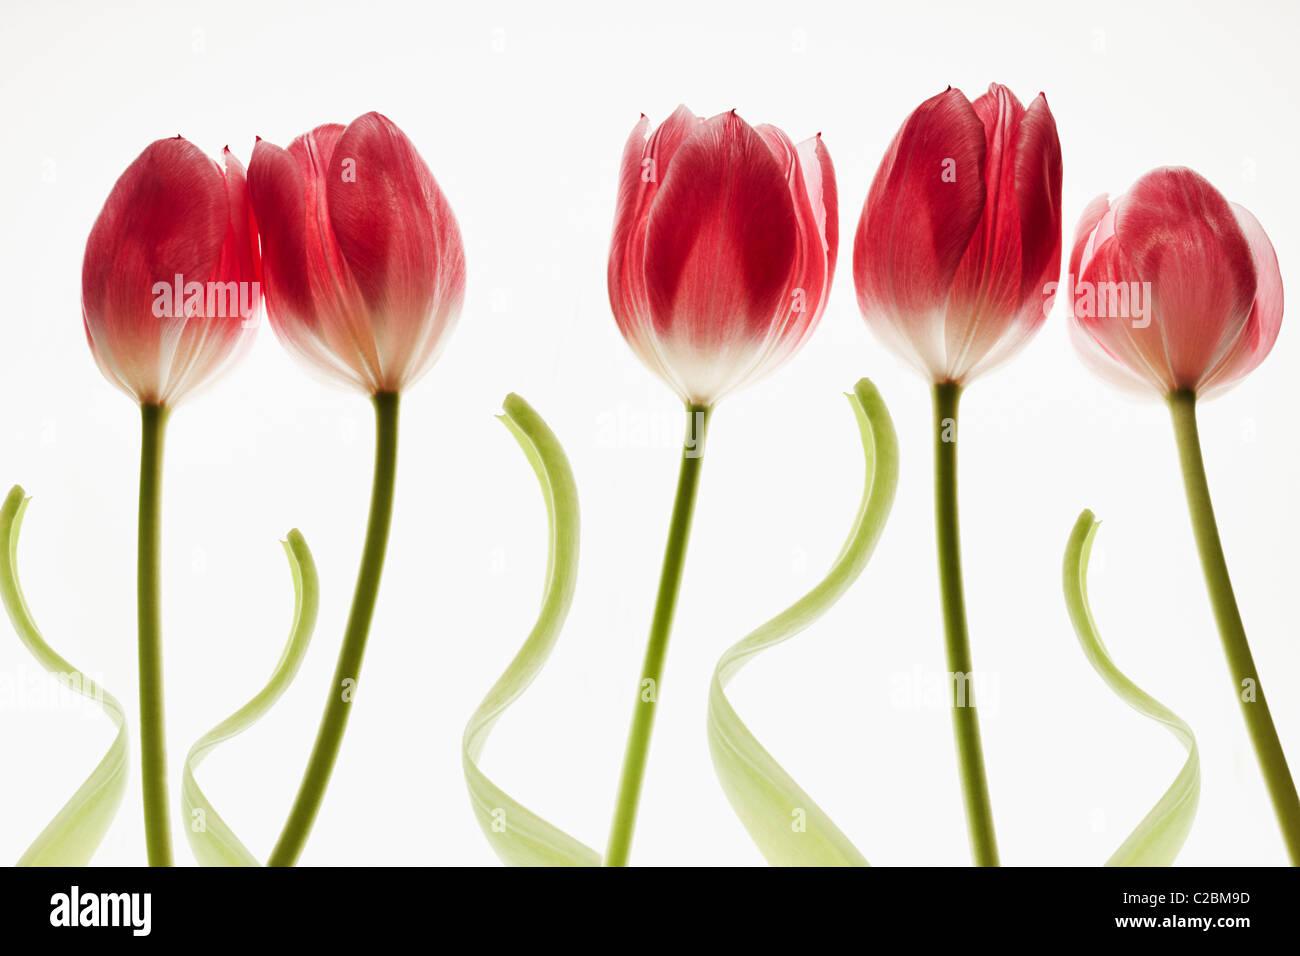 Cinco tulipanes rojos sobre un fondo blanco. Imagen De Stock